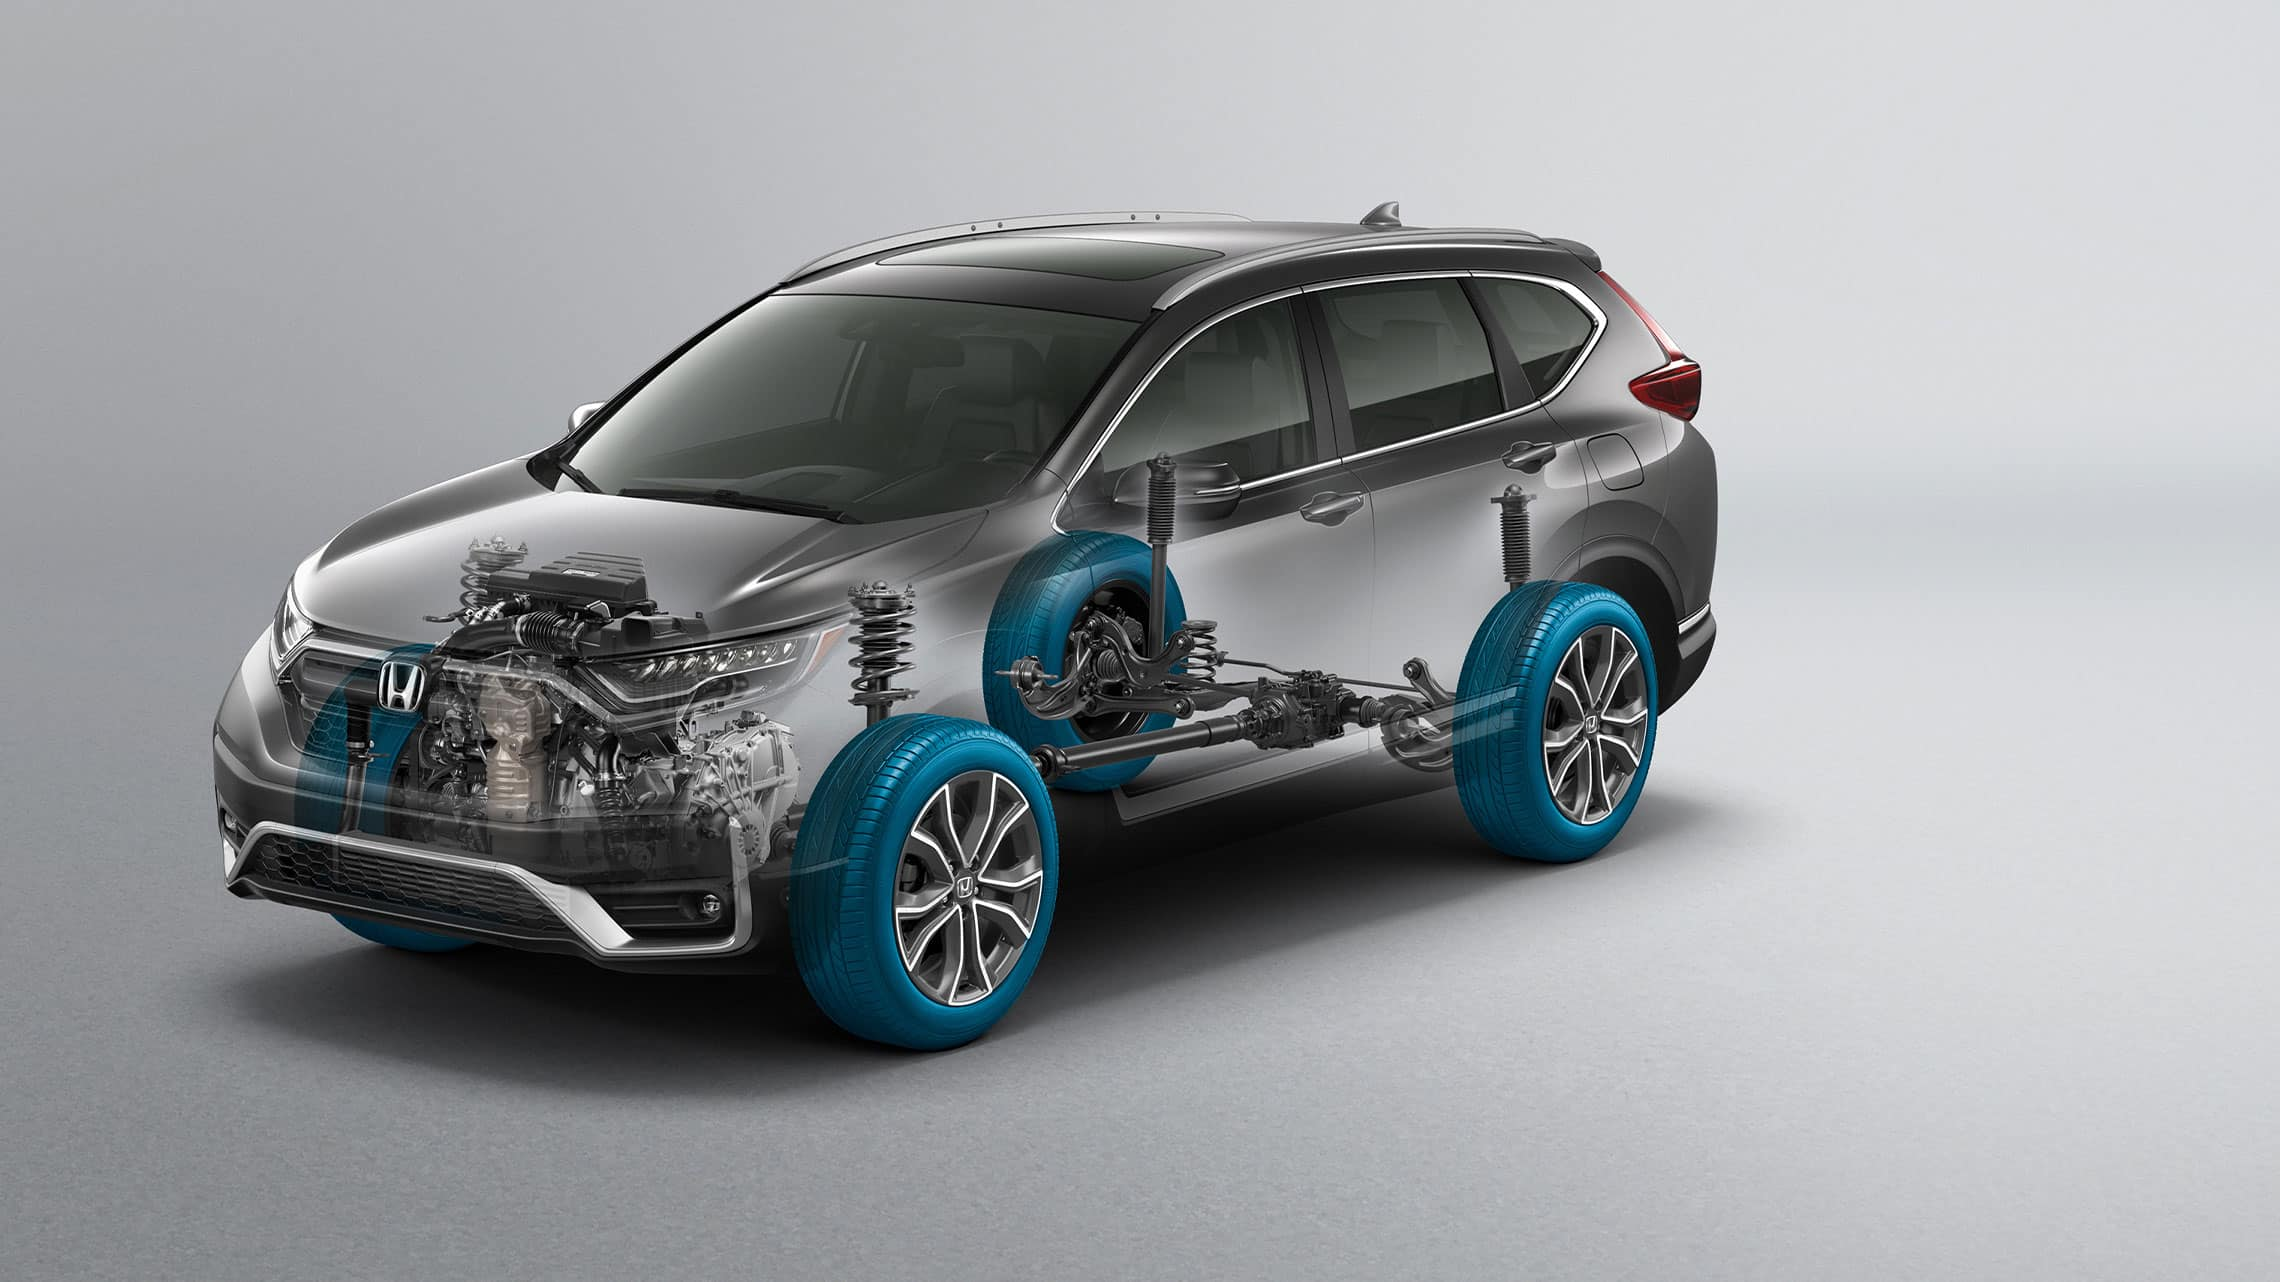 Vista frontal de ¾ desde el lado del conductor de la Honda CR-V2021 con gráfico en superposición de Real Time all-wheel-drive™.